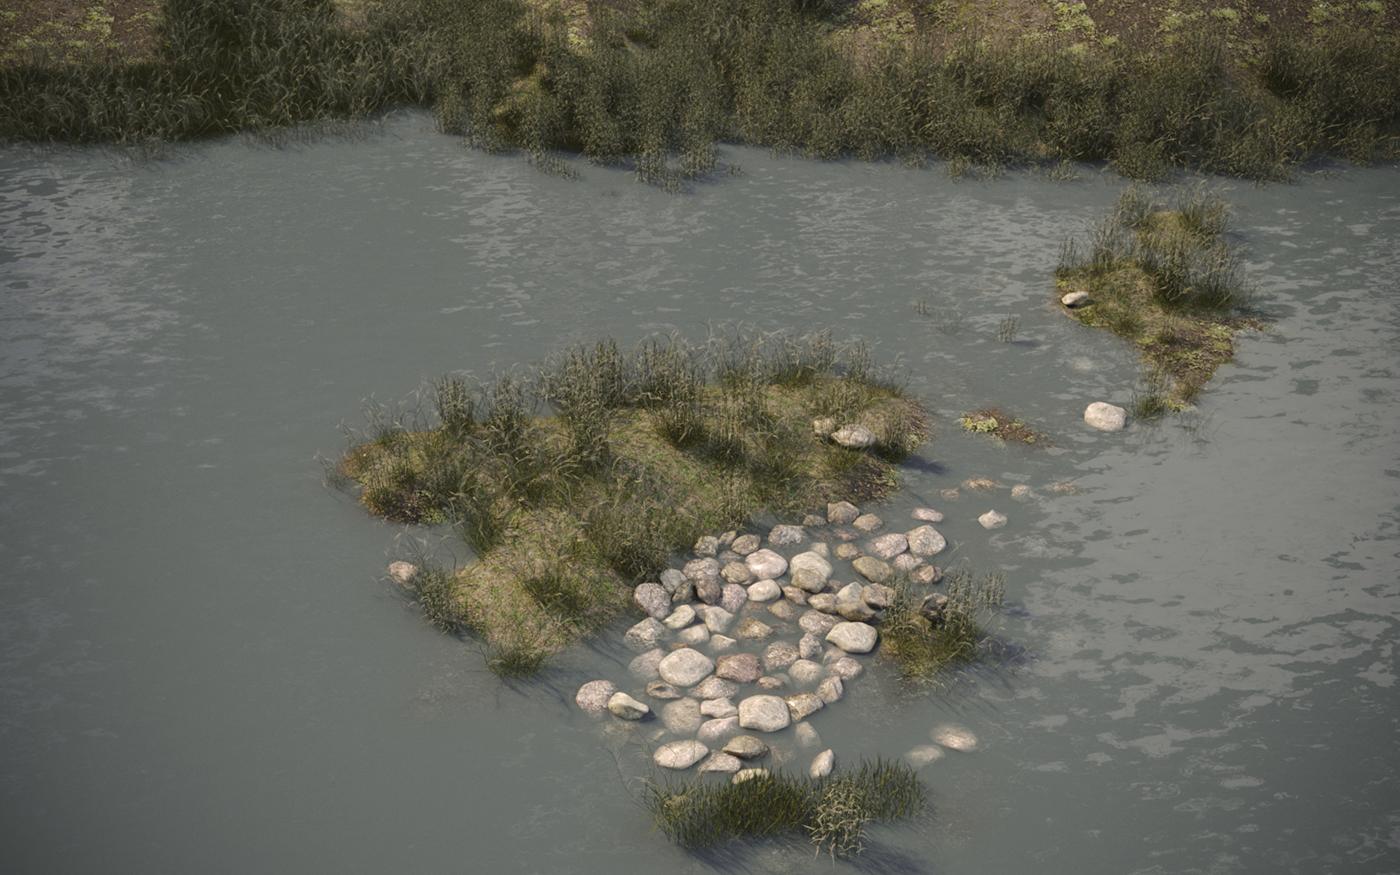 rocas rio naturaleza